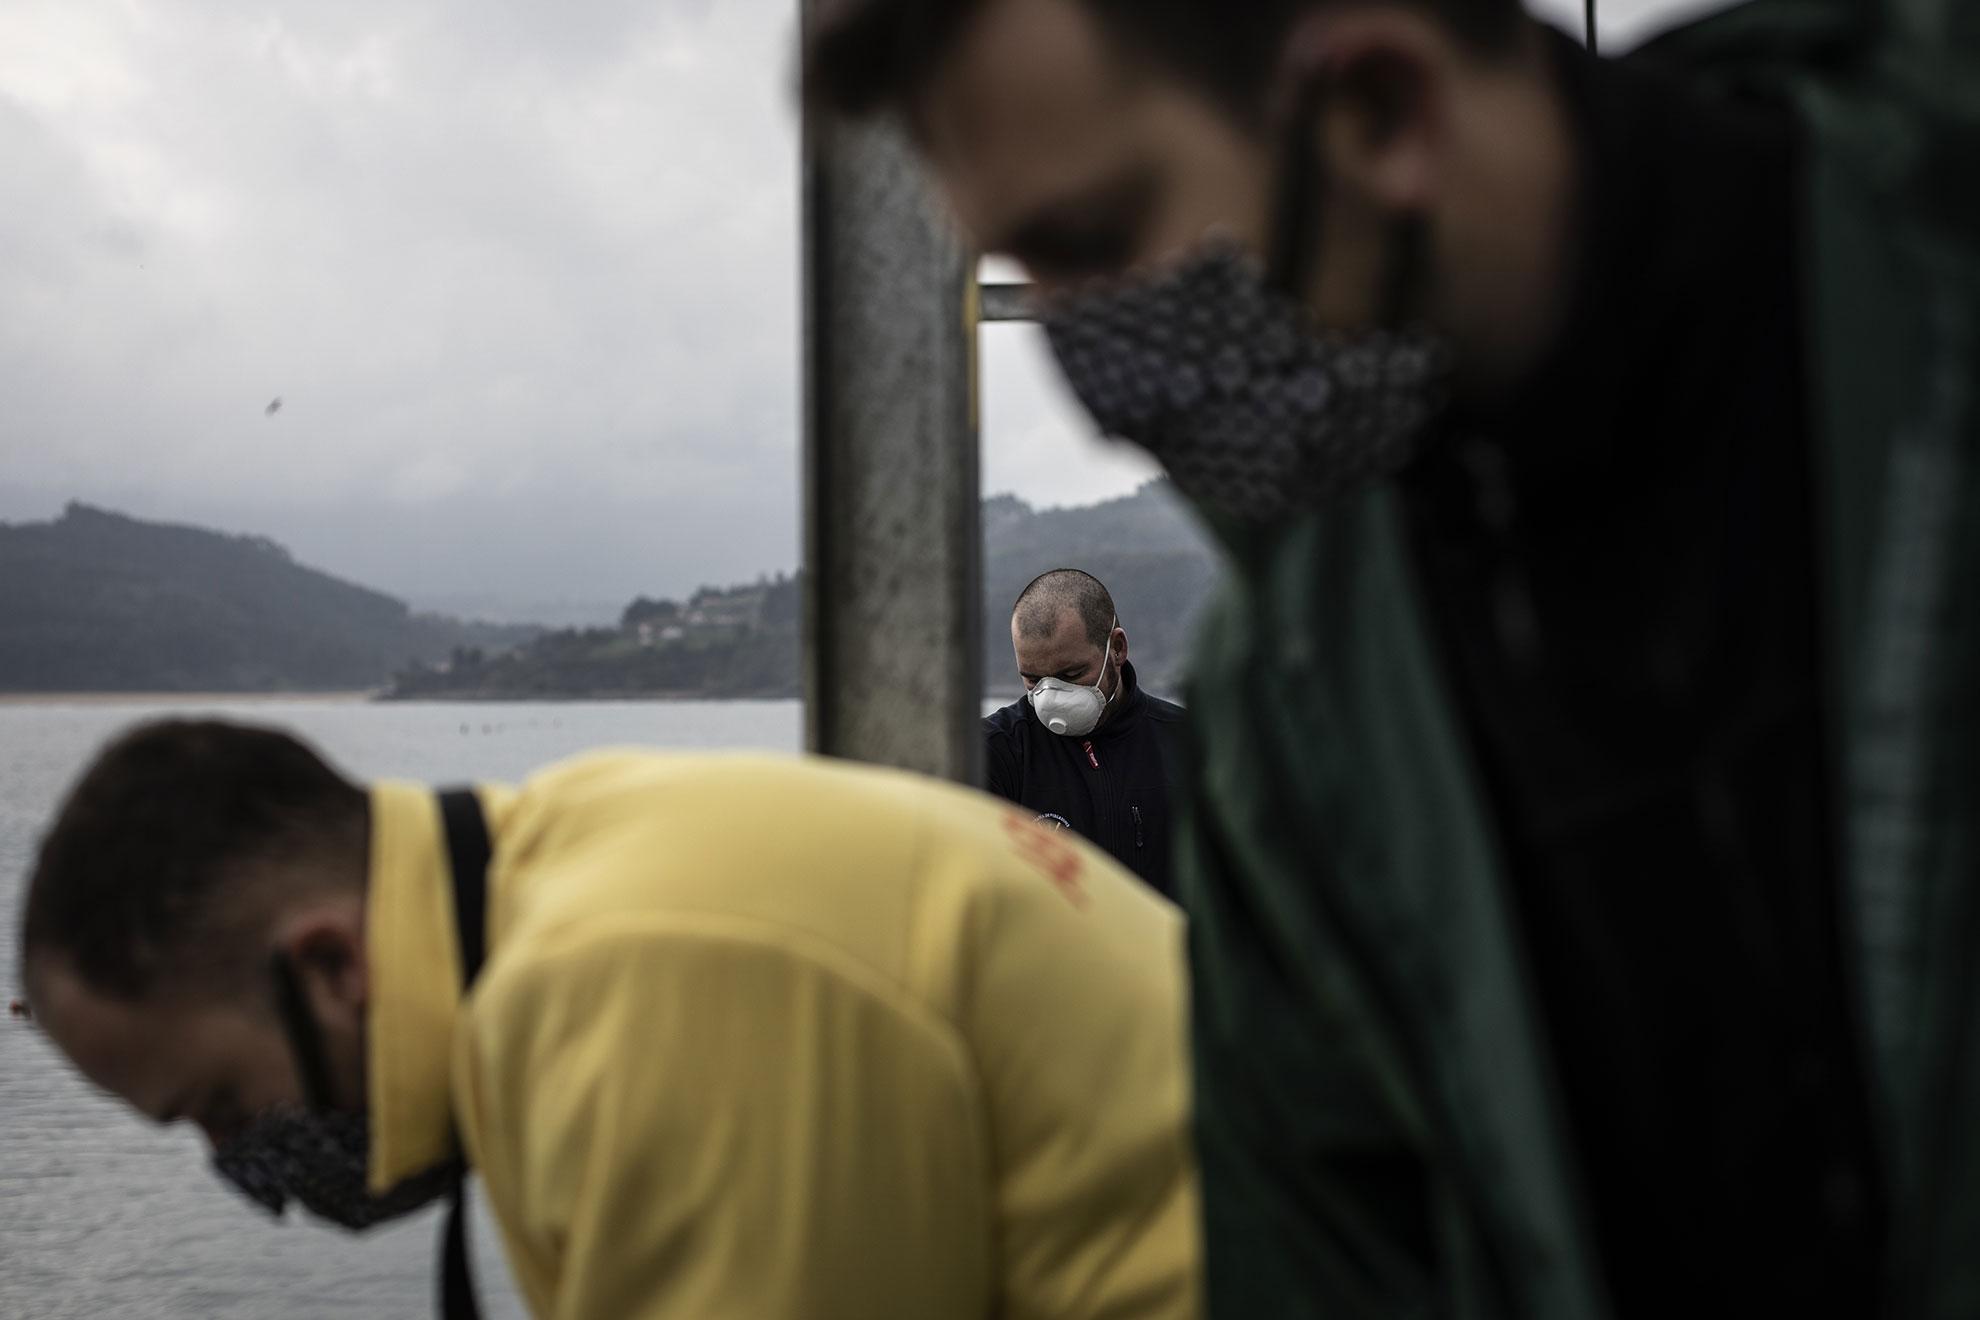 De los casi 100 barcos que trabajaron en Llastres durante la pasada campaña de la xarda (caballa), solo 30 están en activo este año debido a la crisis del COVID-19. El 70% de las capturas están destinadas al mercado extranjero, Italia mayormente, y la mercancía se acumula en las cámaras casi a revisar. Los precios bajan diariamente y la industria pesquera teme al futuro más cercano. En la imagen: Trabajadores de la Lonja maniobran una grua para la descarga de las capturas de caballa de un pesquero en Llastres, Asturias, España.